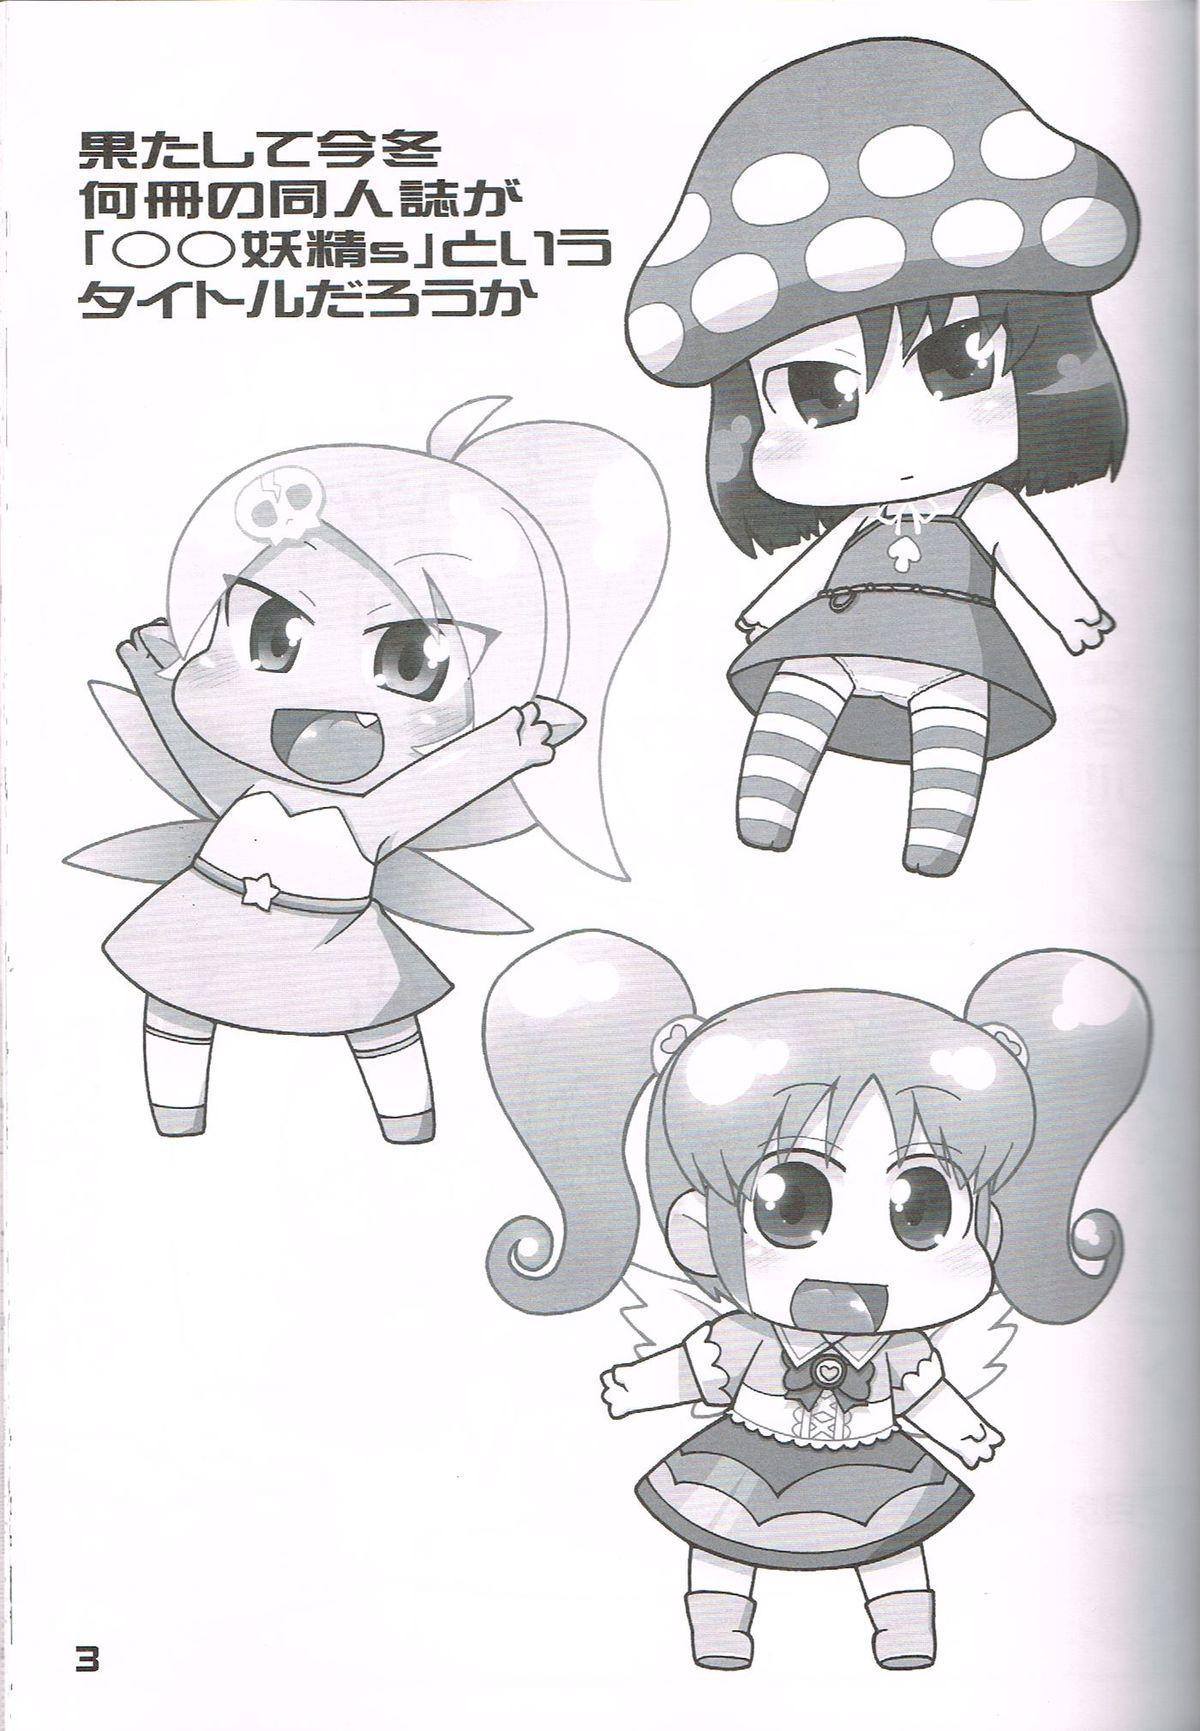 """Hatashite Konofuyu Nansatsu no Doujinshi ga """"○○ Fairies"""" Toiu Title Darouka 1"""